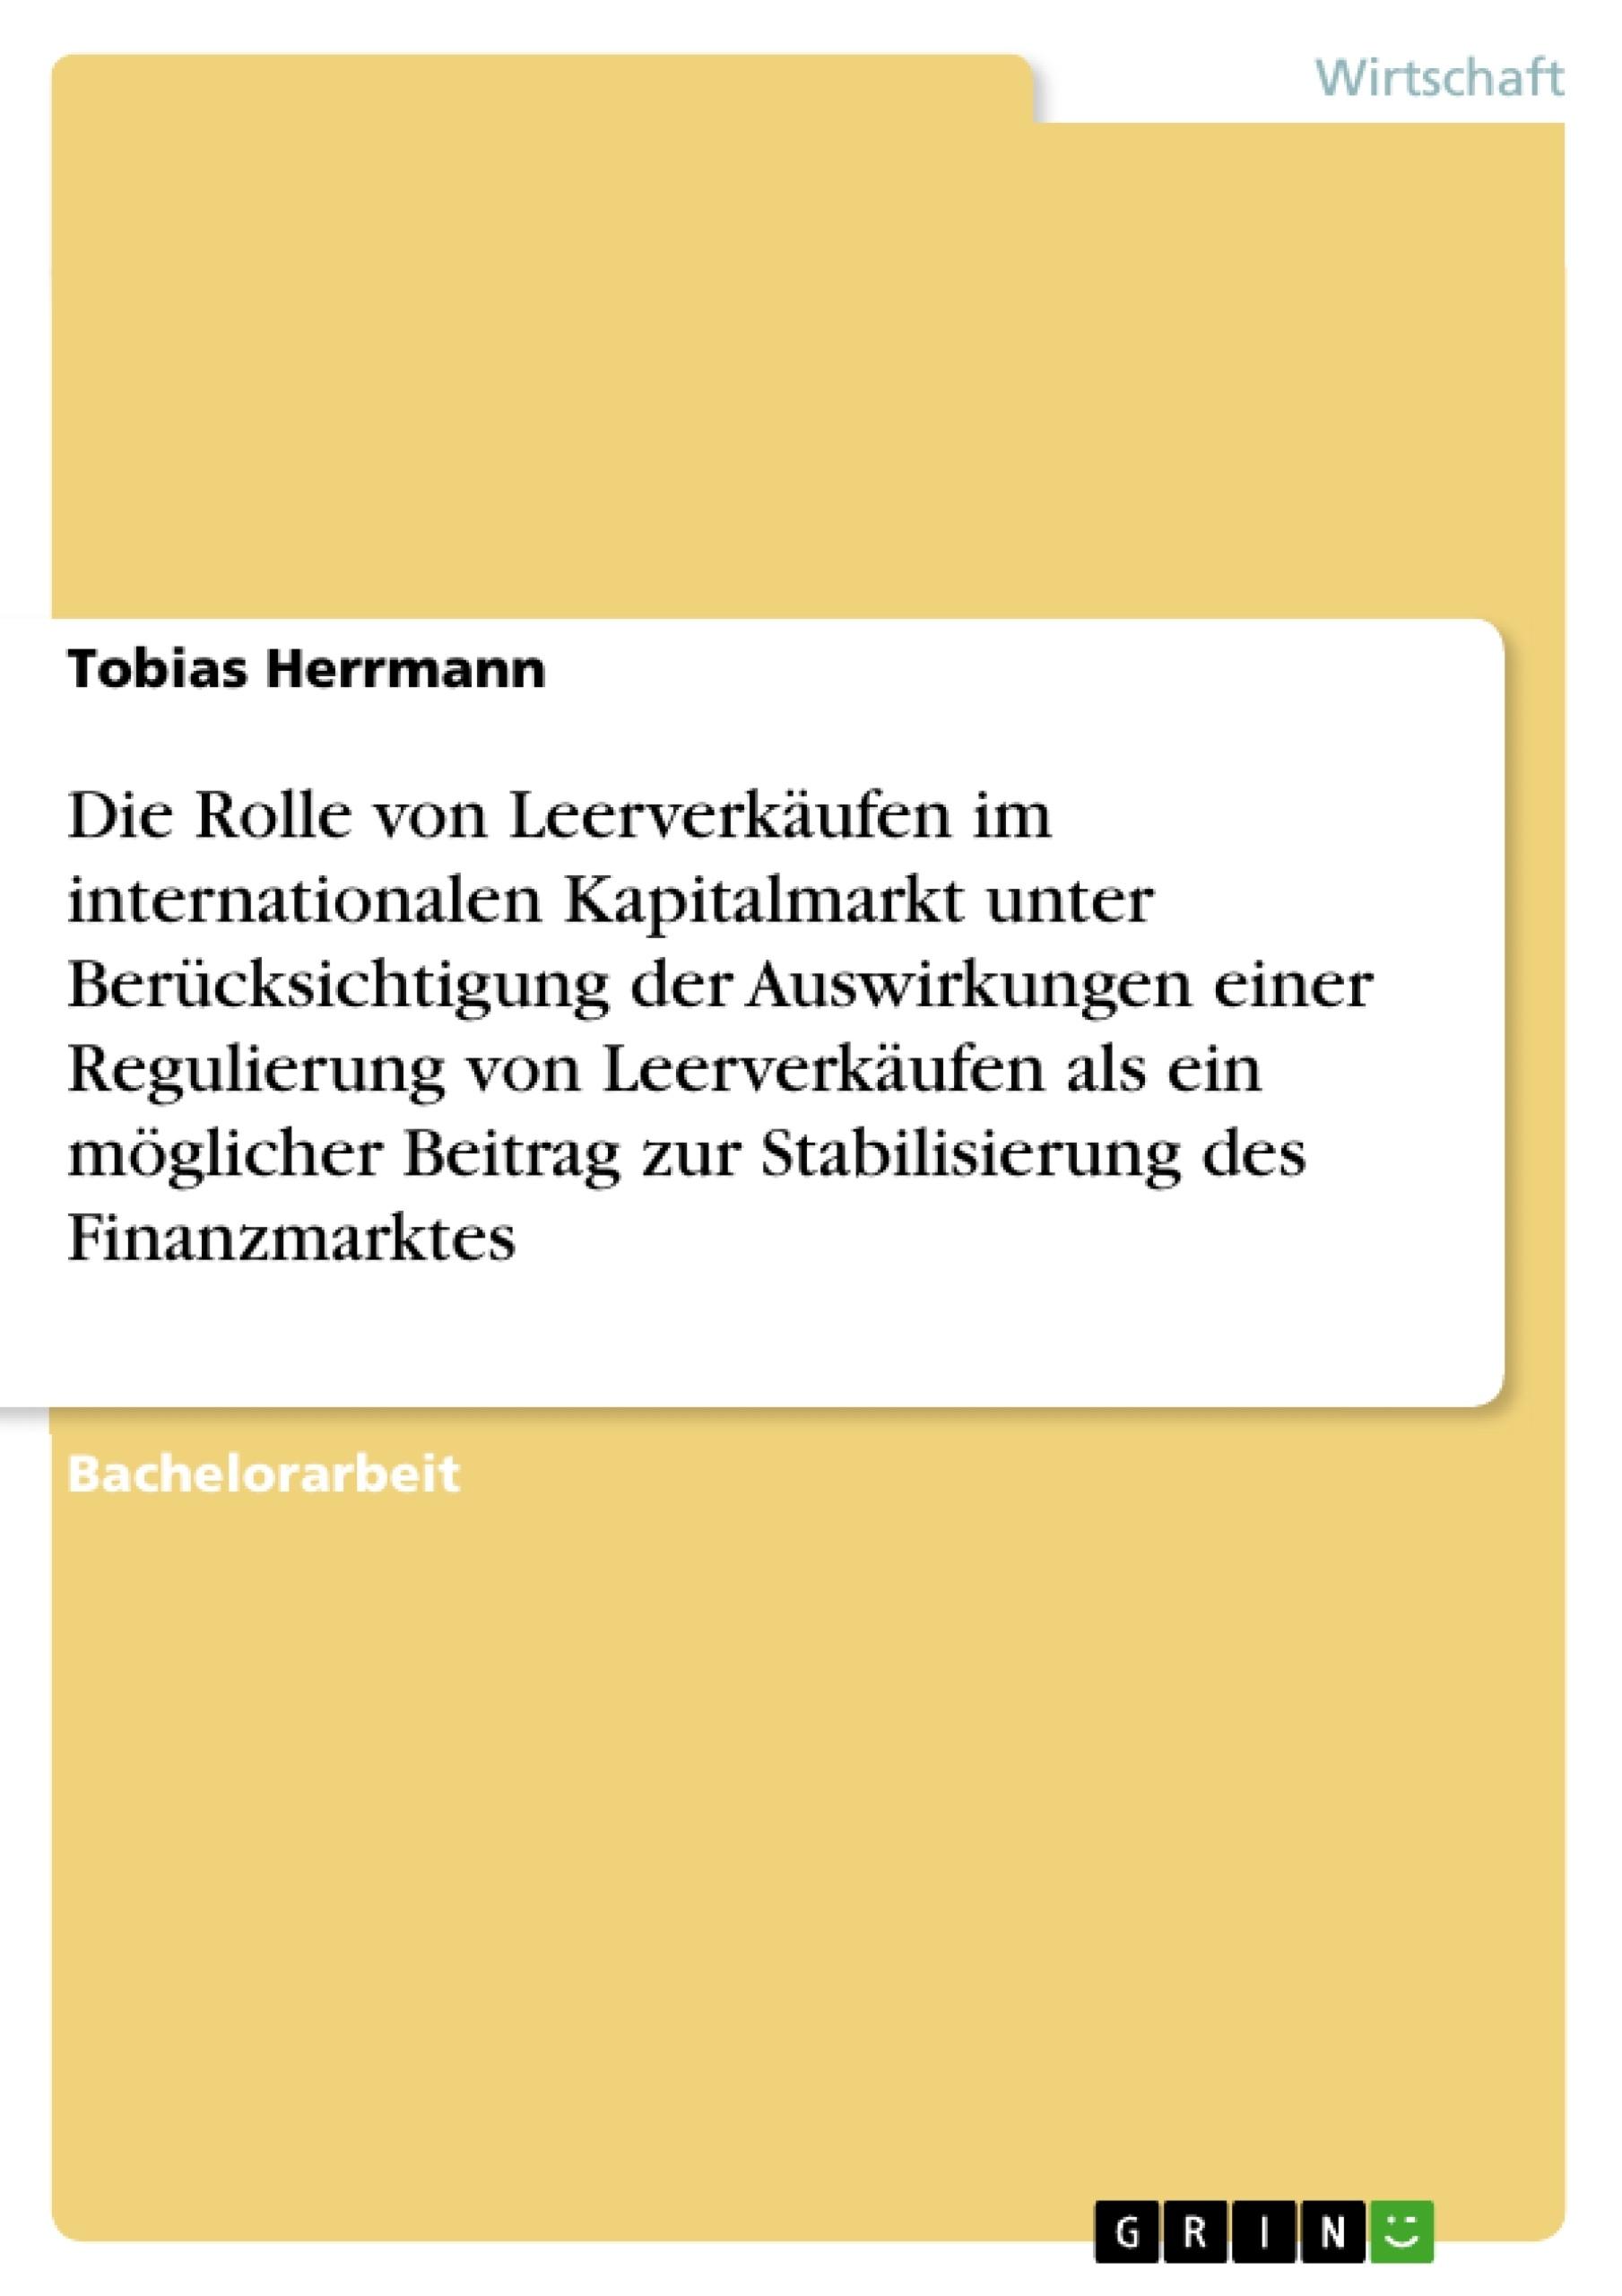 Titel: Die Rolle von Leerverkäufen im internationalen Kapitalmarkt unter Berücksichtigung der Auswirkungen einer Regulierung von Leerverkäufen als ein möglicher Beitrag zur Stabilisierung des Finanzmarktes